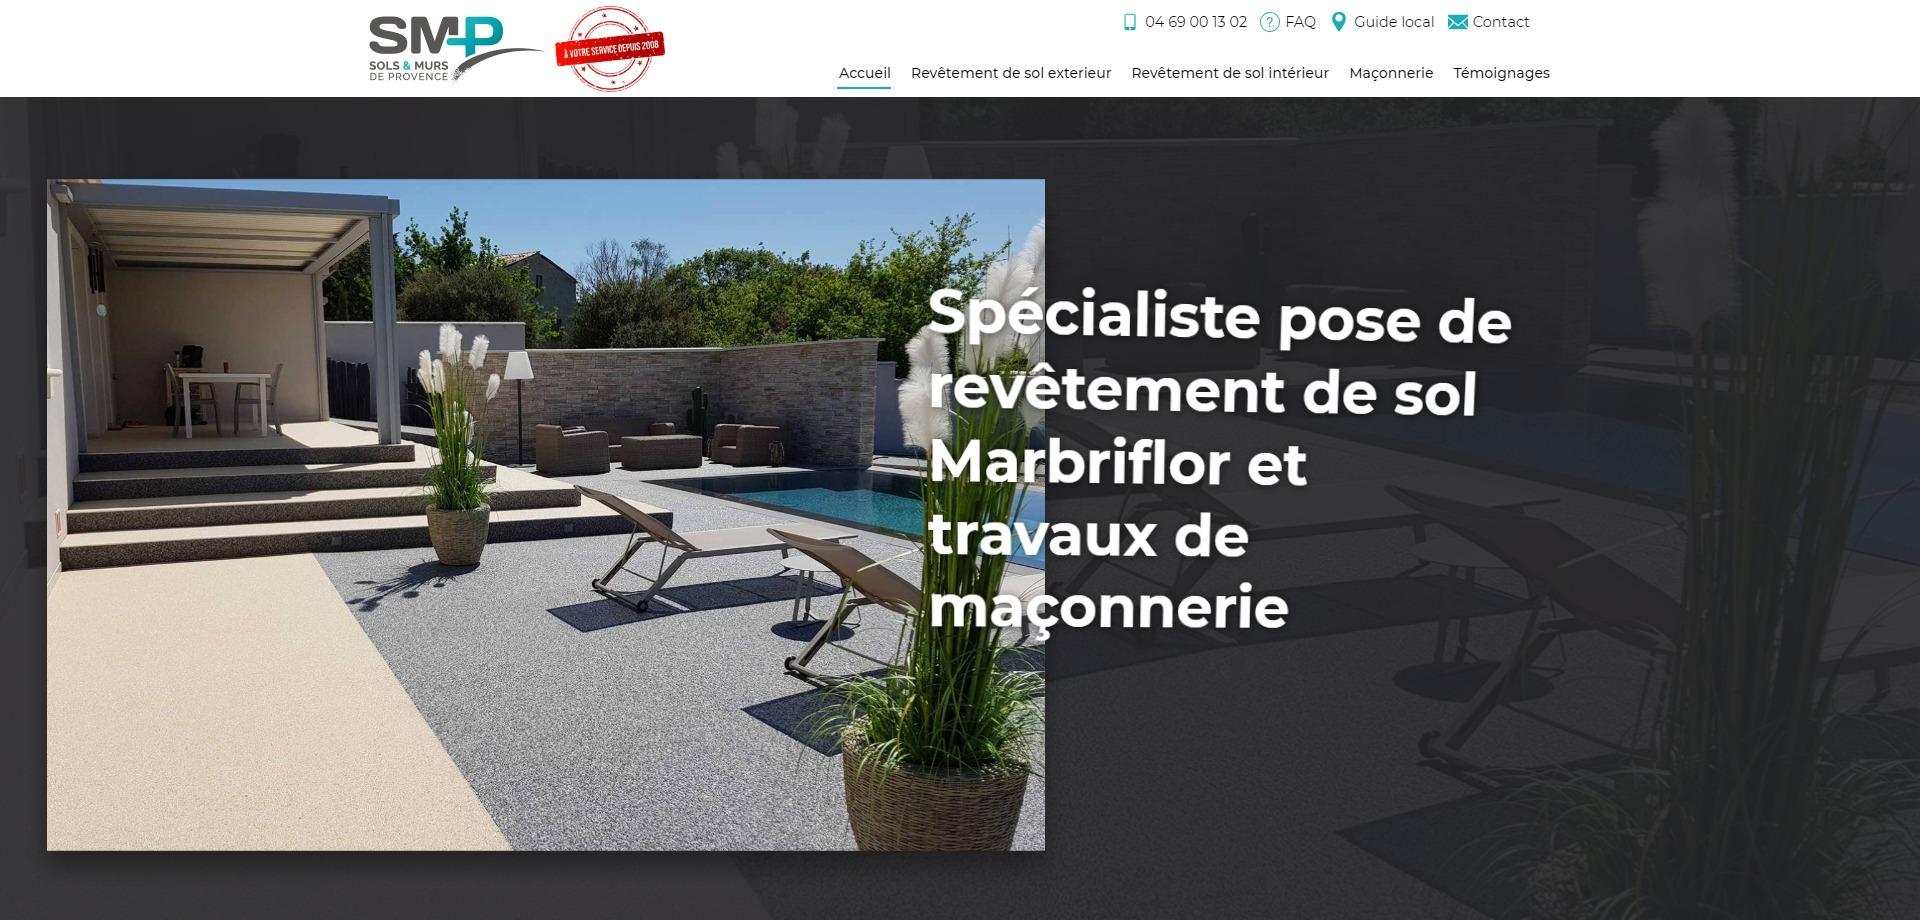 Revetement Pour Allée Carrossable création de site internet et référencement pour entreprise